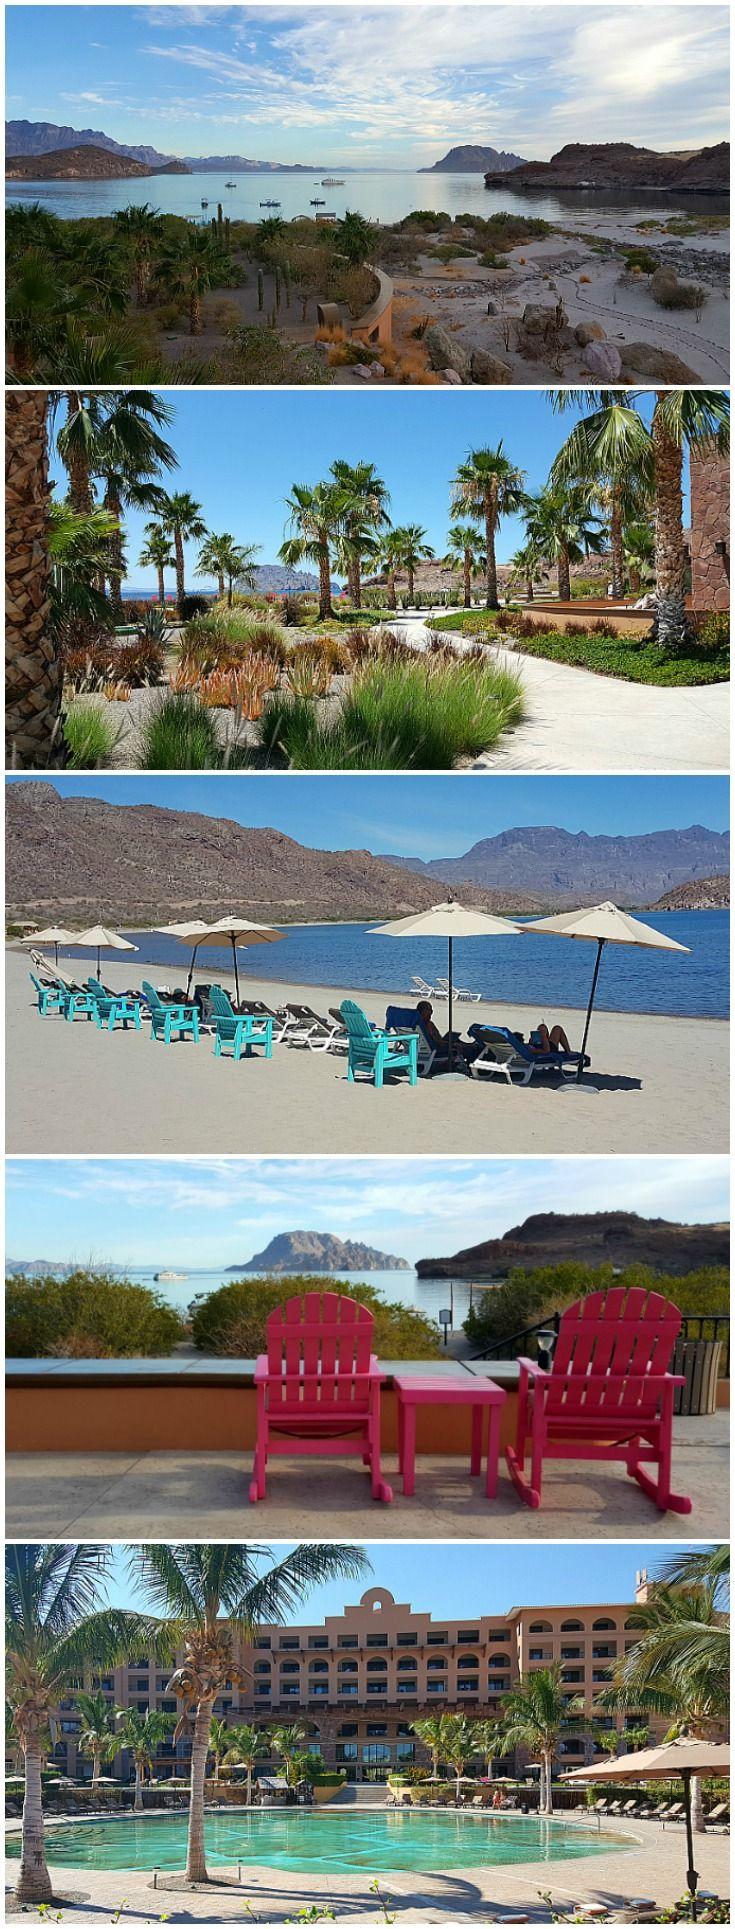 Villa del Palmar Islands of Loreto, Baja California Sur, Mexico - Golf and Spa Resort